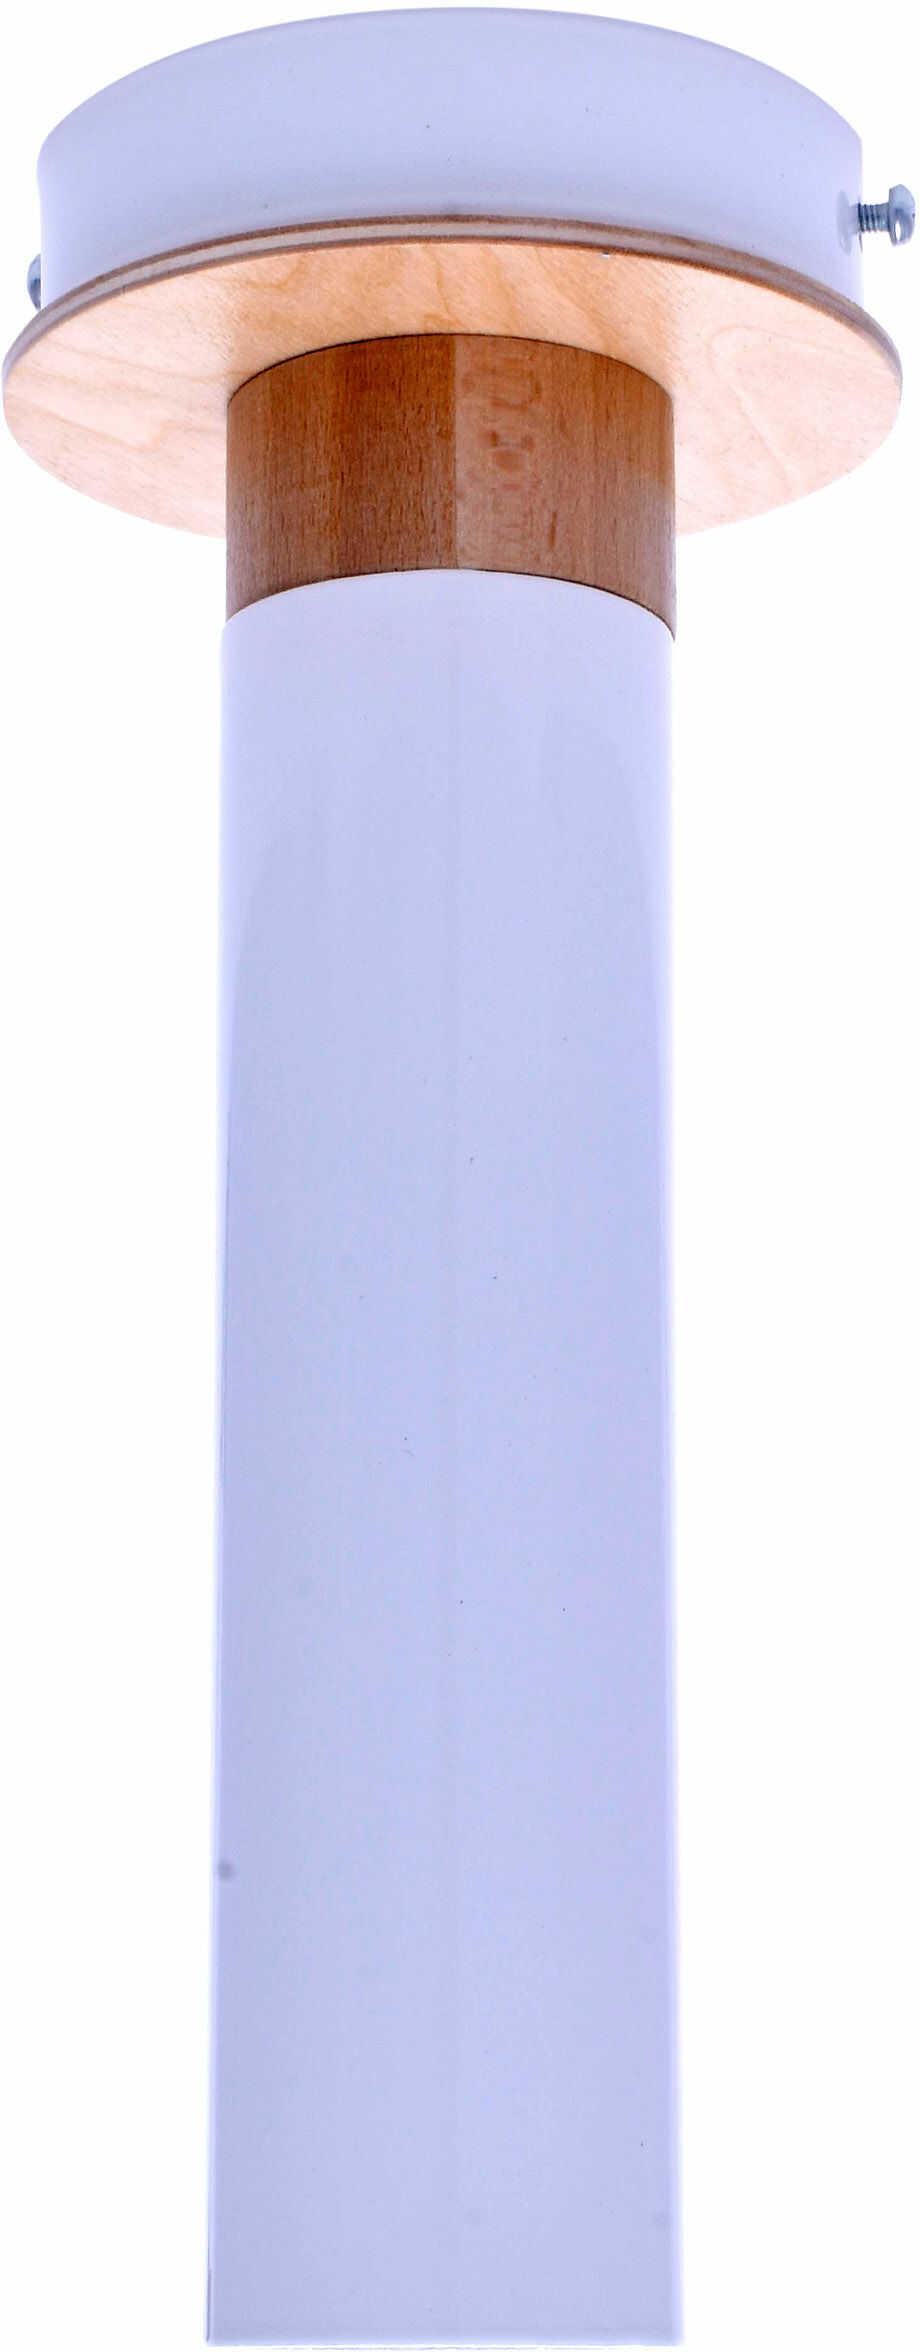 Milagro Pedro White MLP4255 plafon lampa sufitowa metal drewno tuba biała 1xGU10 10cm